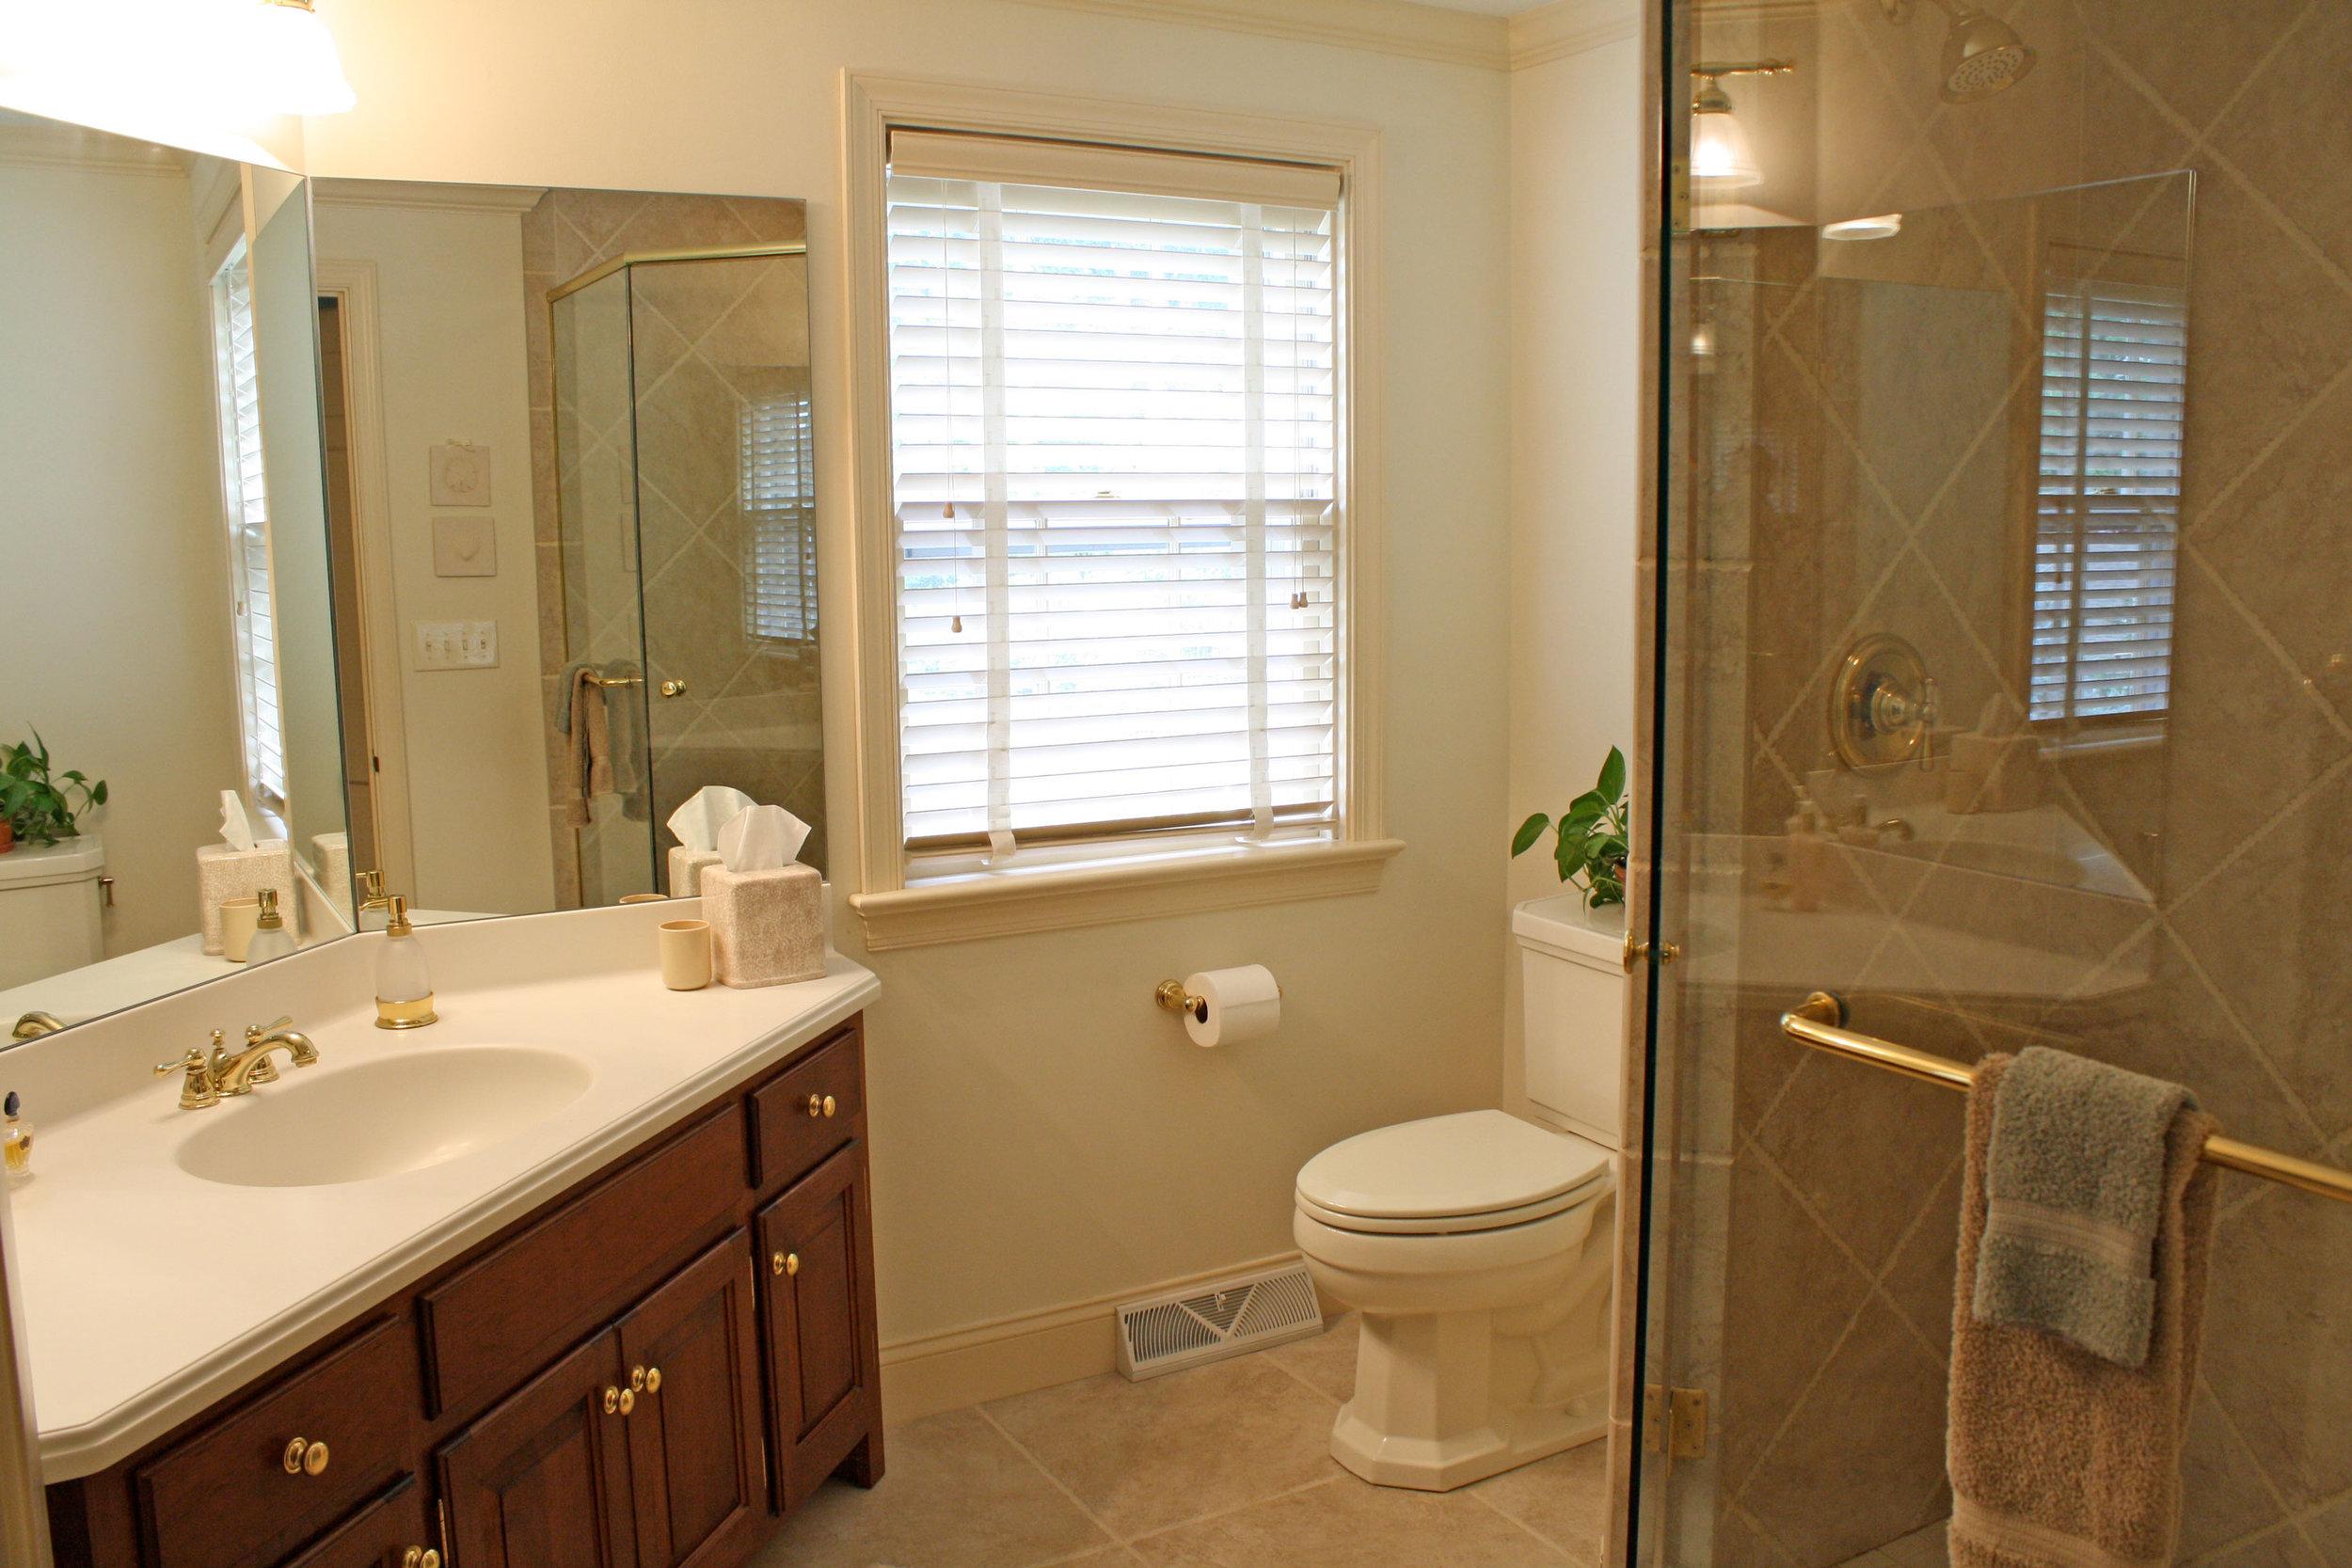 bathroom-cherry-vanity-2.jpg